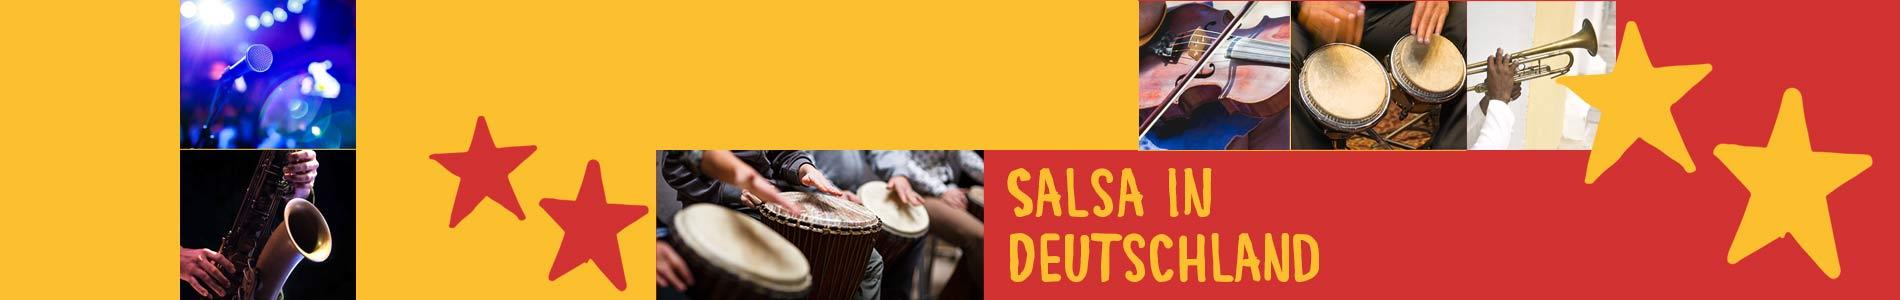 Salsa in Dankmarshausen – Salsa lernen und tanzen, Tanzkurse, Partys, Veranstaltungen